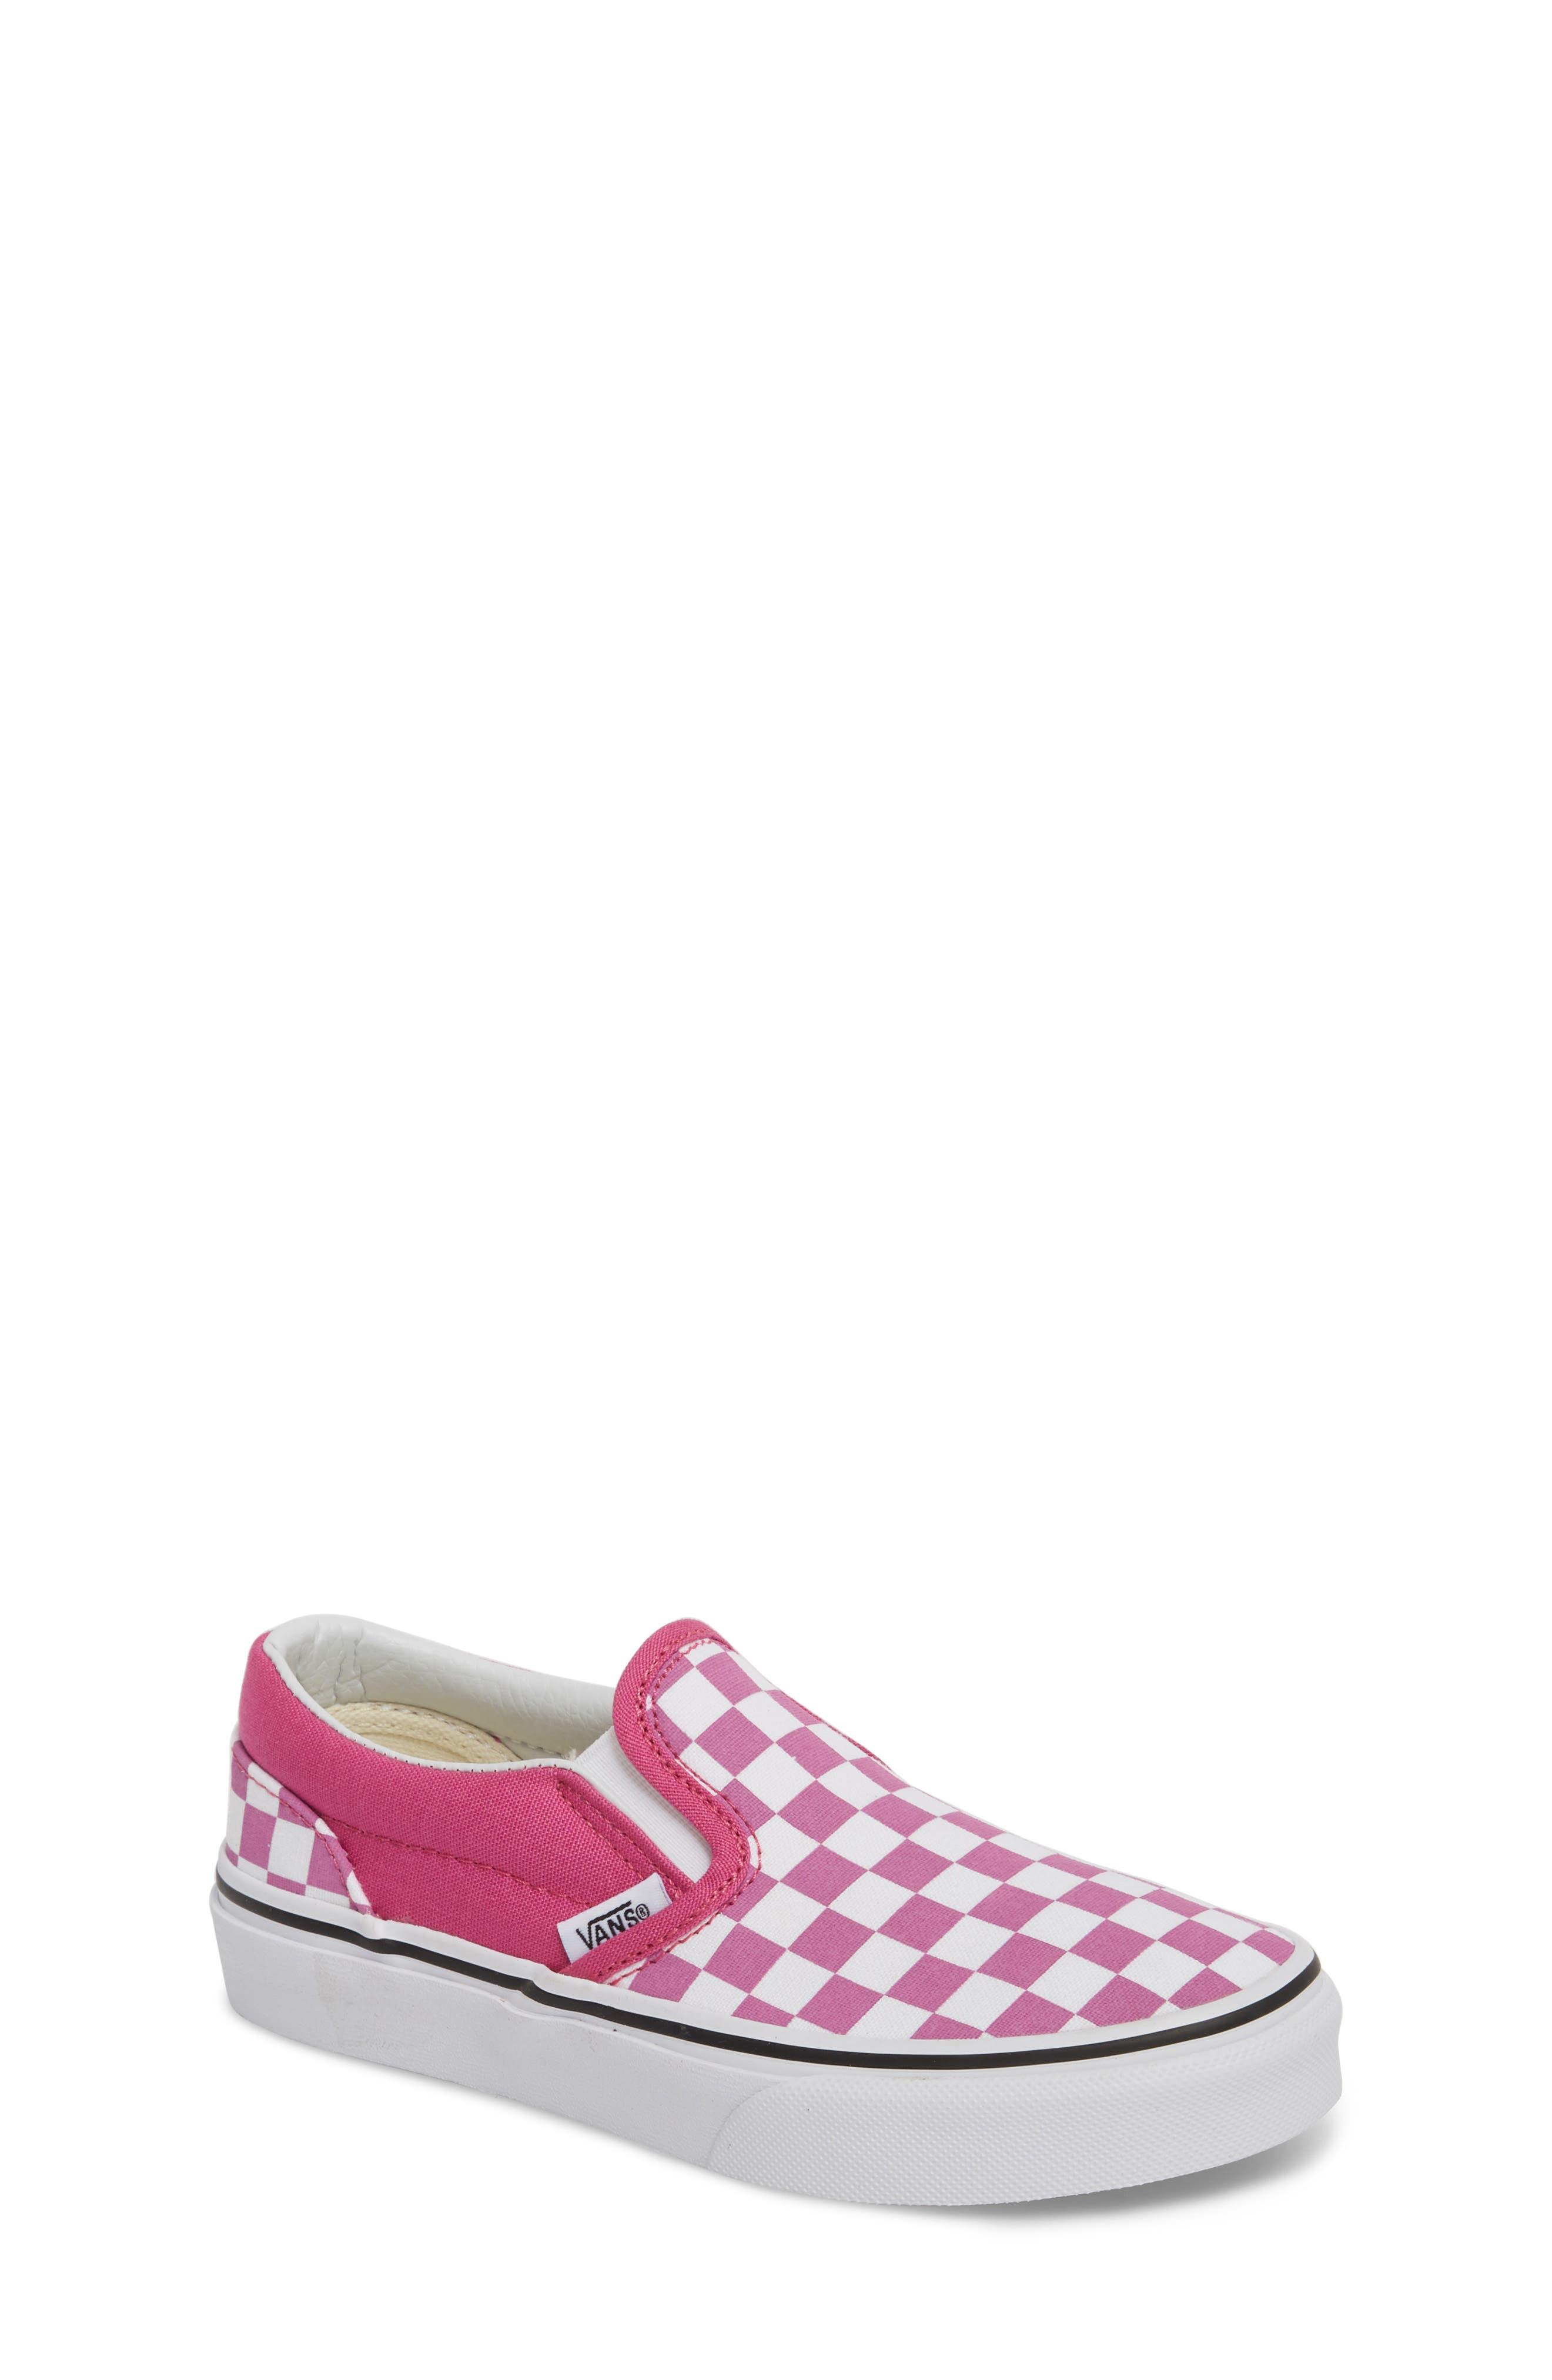 'Classic - Checkerboard' Slip-On,                         Main,                         color, Rose/ White Checkerboard